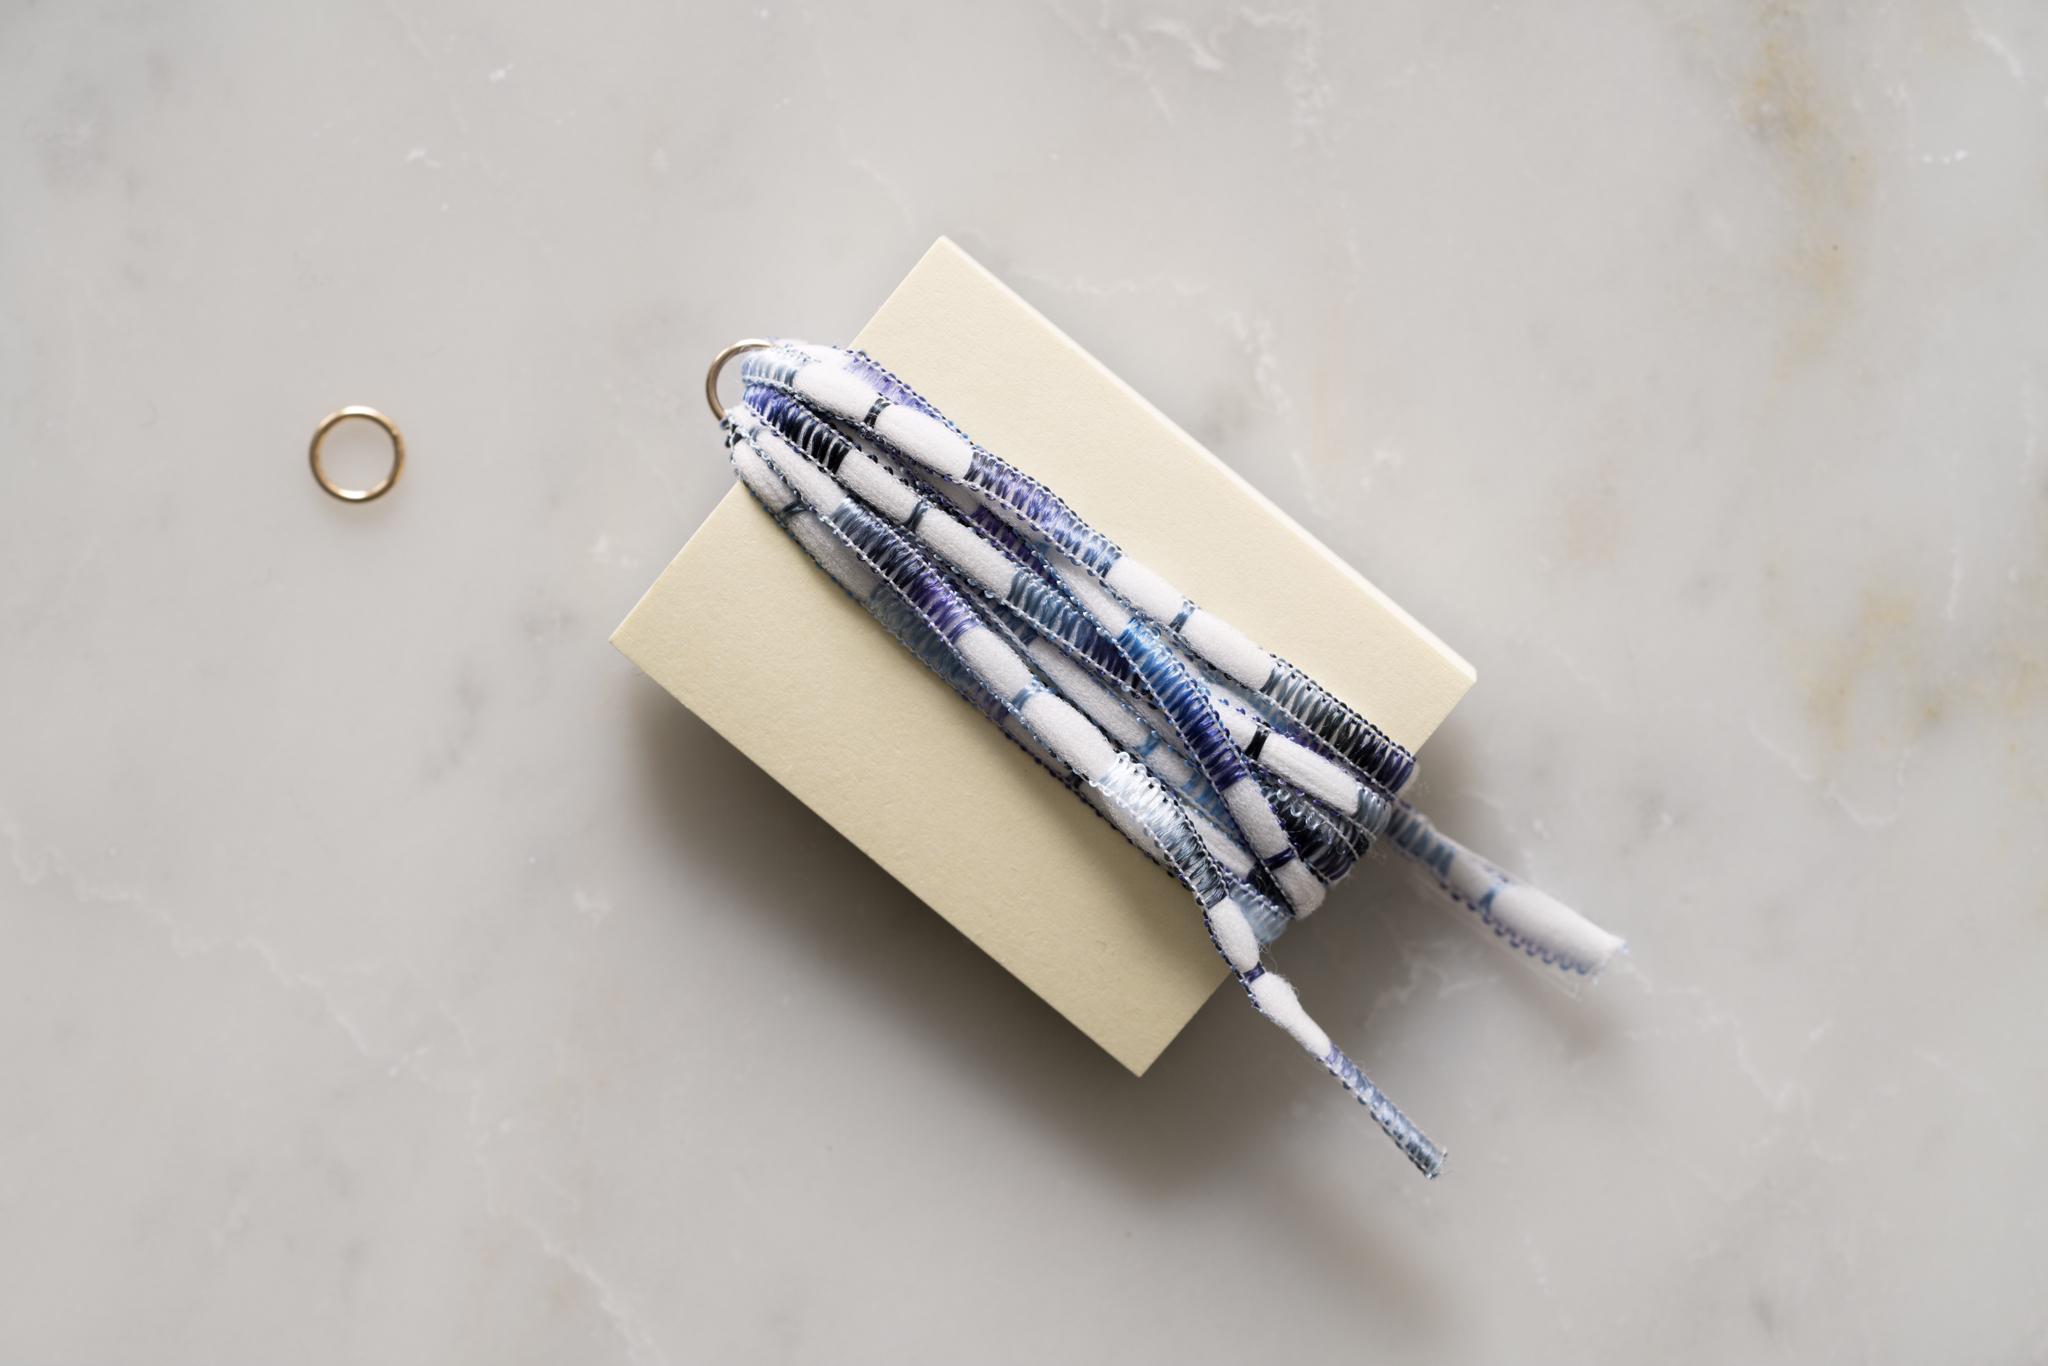 タッセルフリンジの作り方(3)-丸カンに紐を通しながら台紙に紐を巻きます